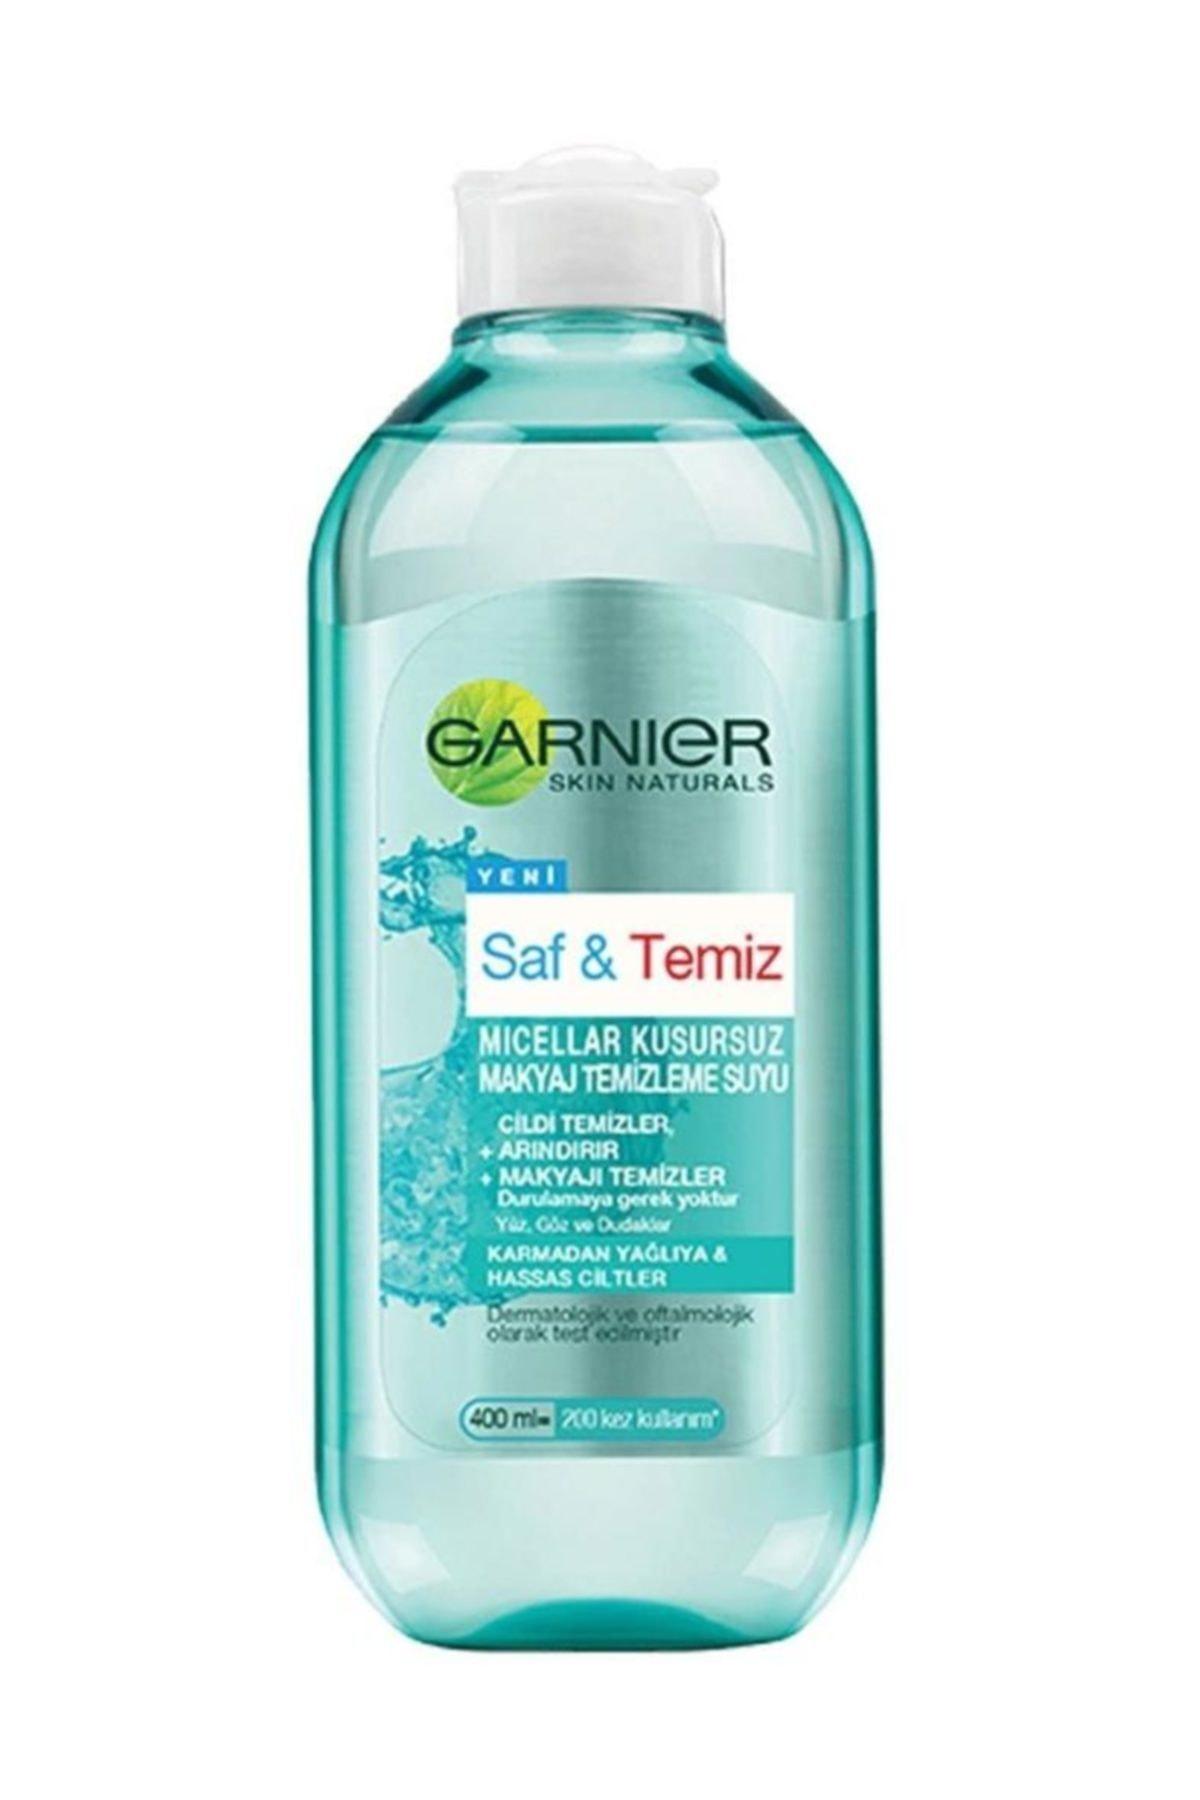 Garnier Saf & Temiz Kusursuz Makyaj Temizleme Suyu 400 ml 1